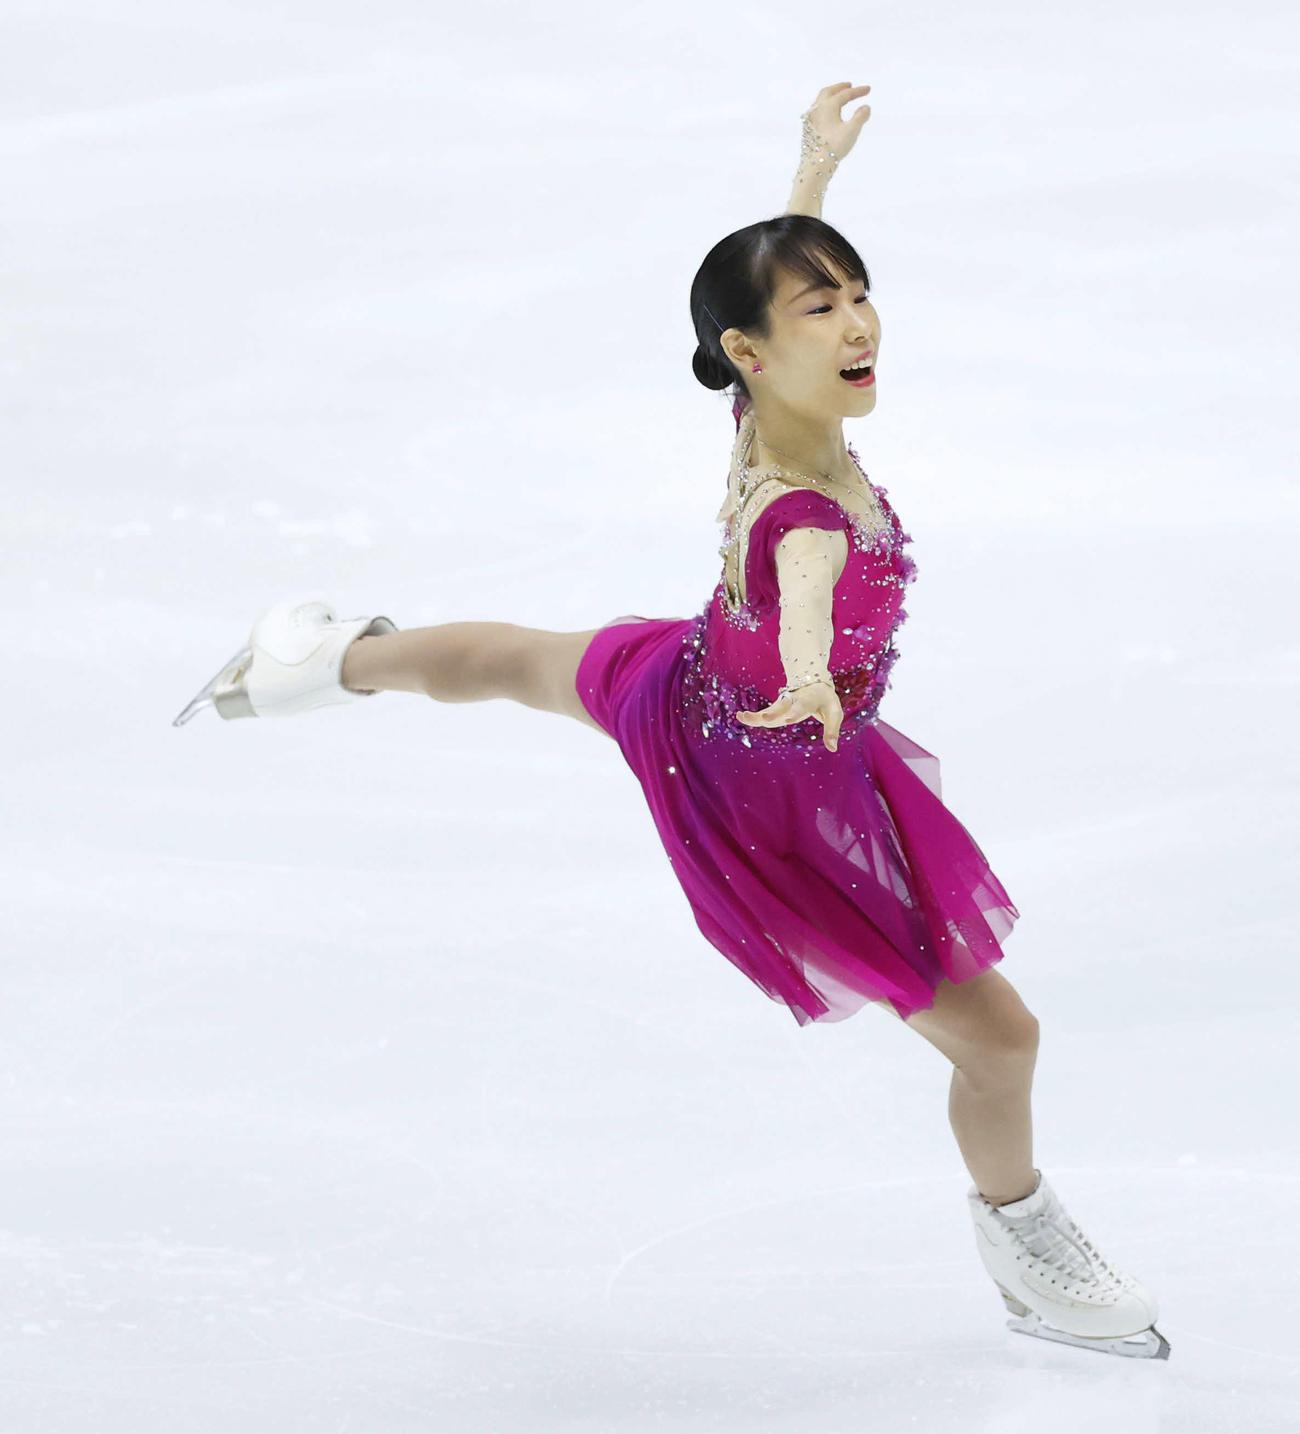 フィギュアスケートNHK杯女子ショートプログラム 演技をする三原舞依(代表撮影)